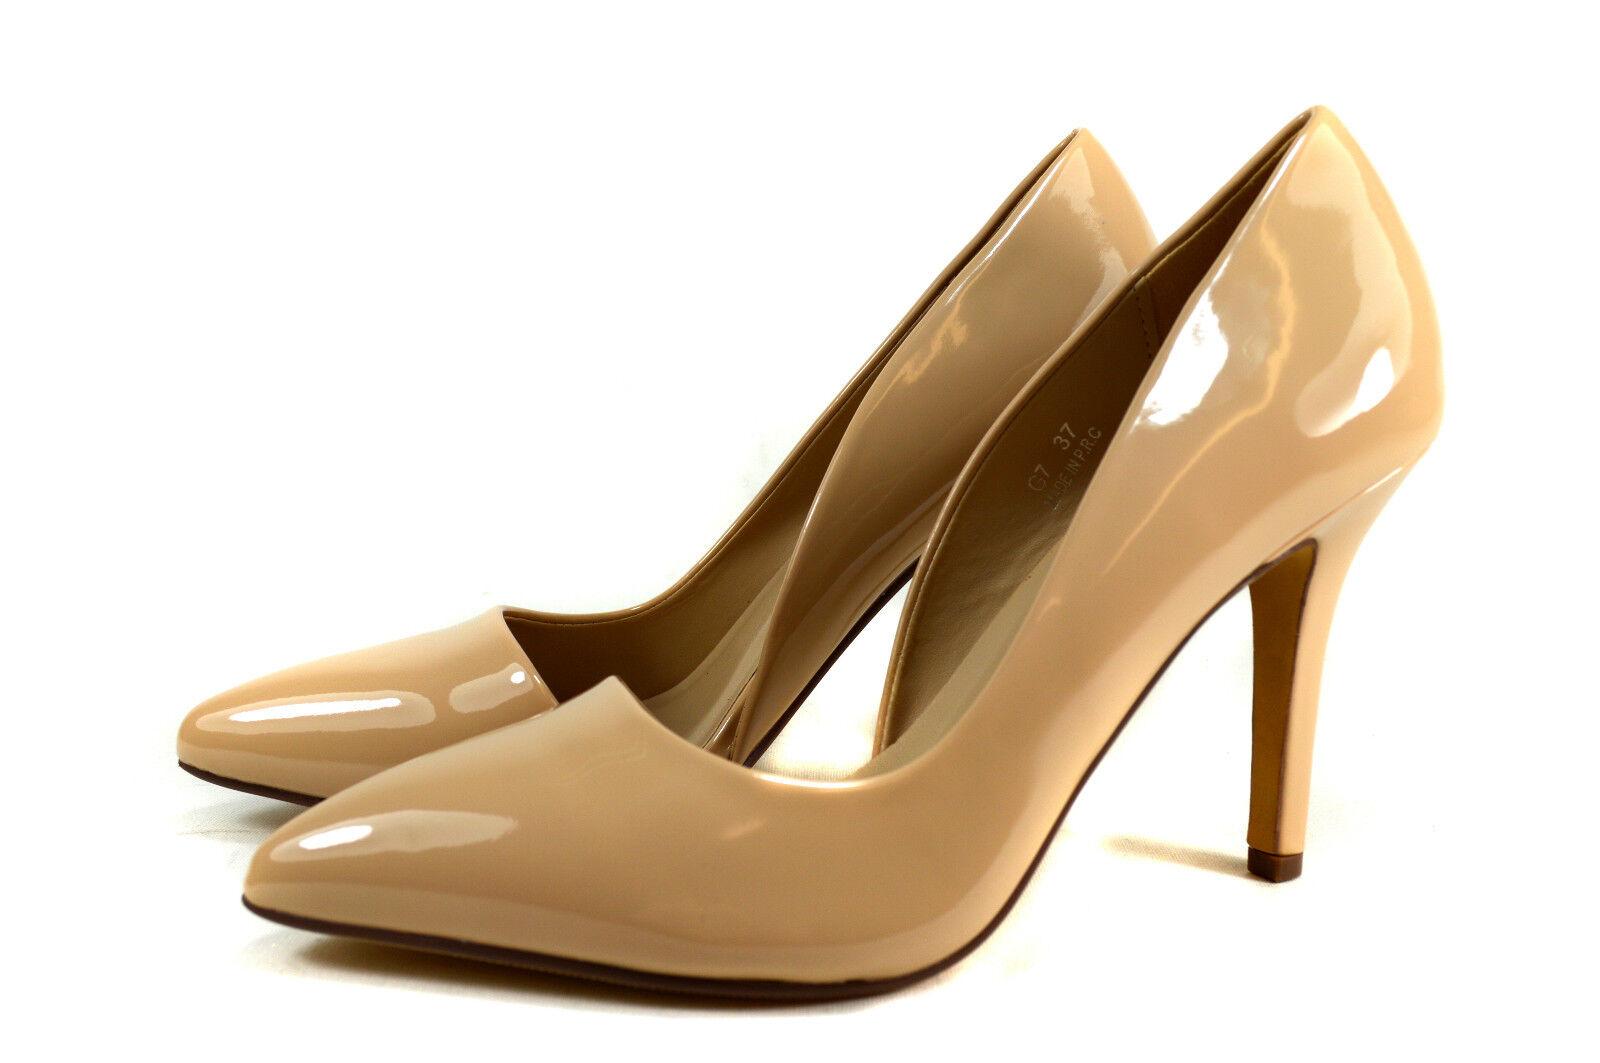 Elegant Women's Evening Shoes Lace Pumps High Heels Size gr.36-40 Beige A.G7